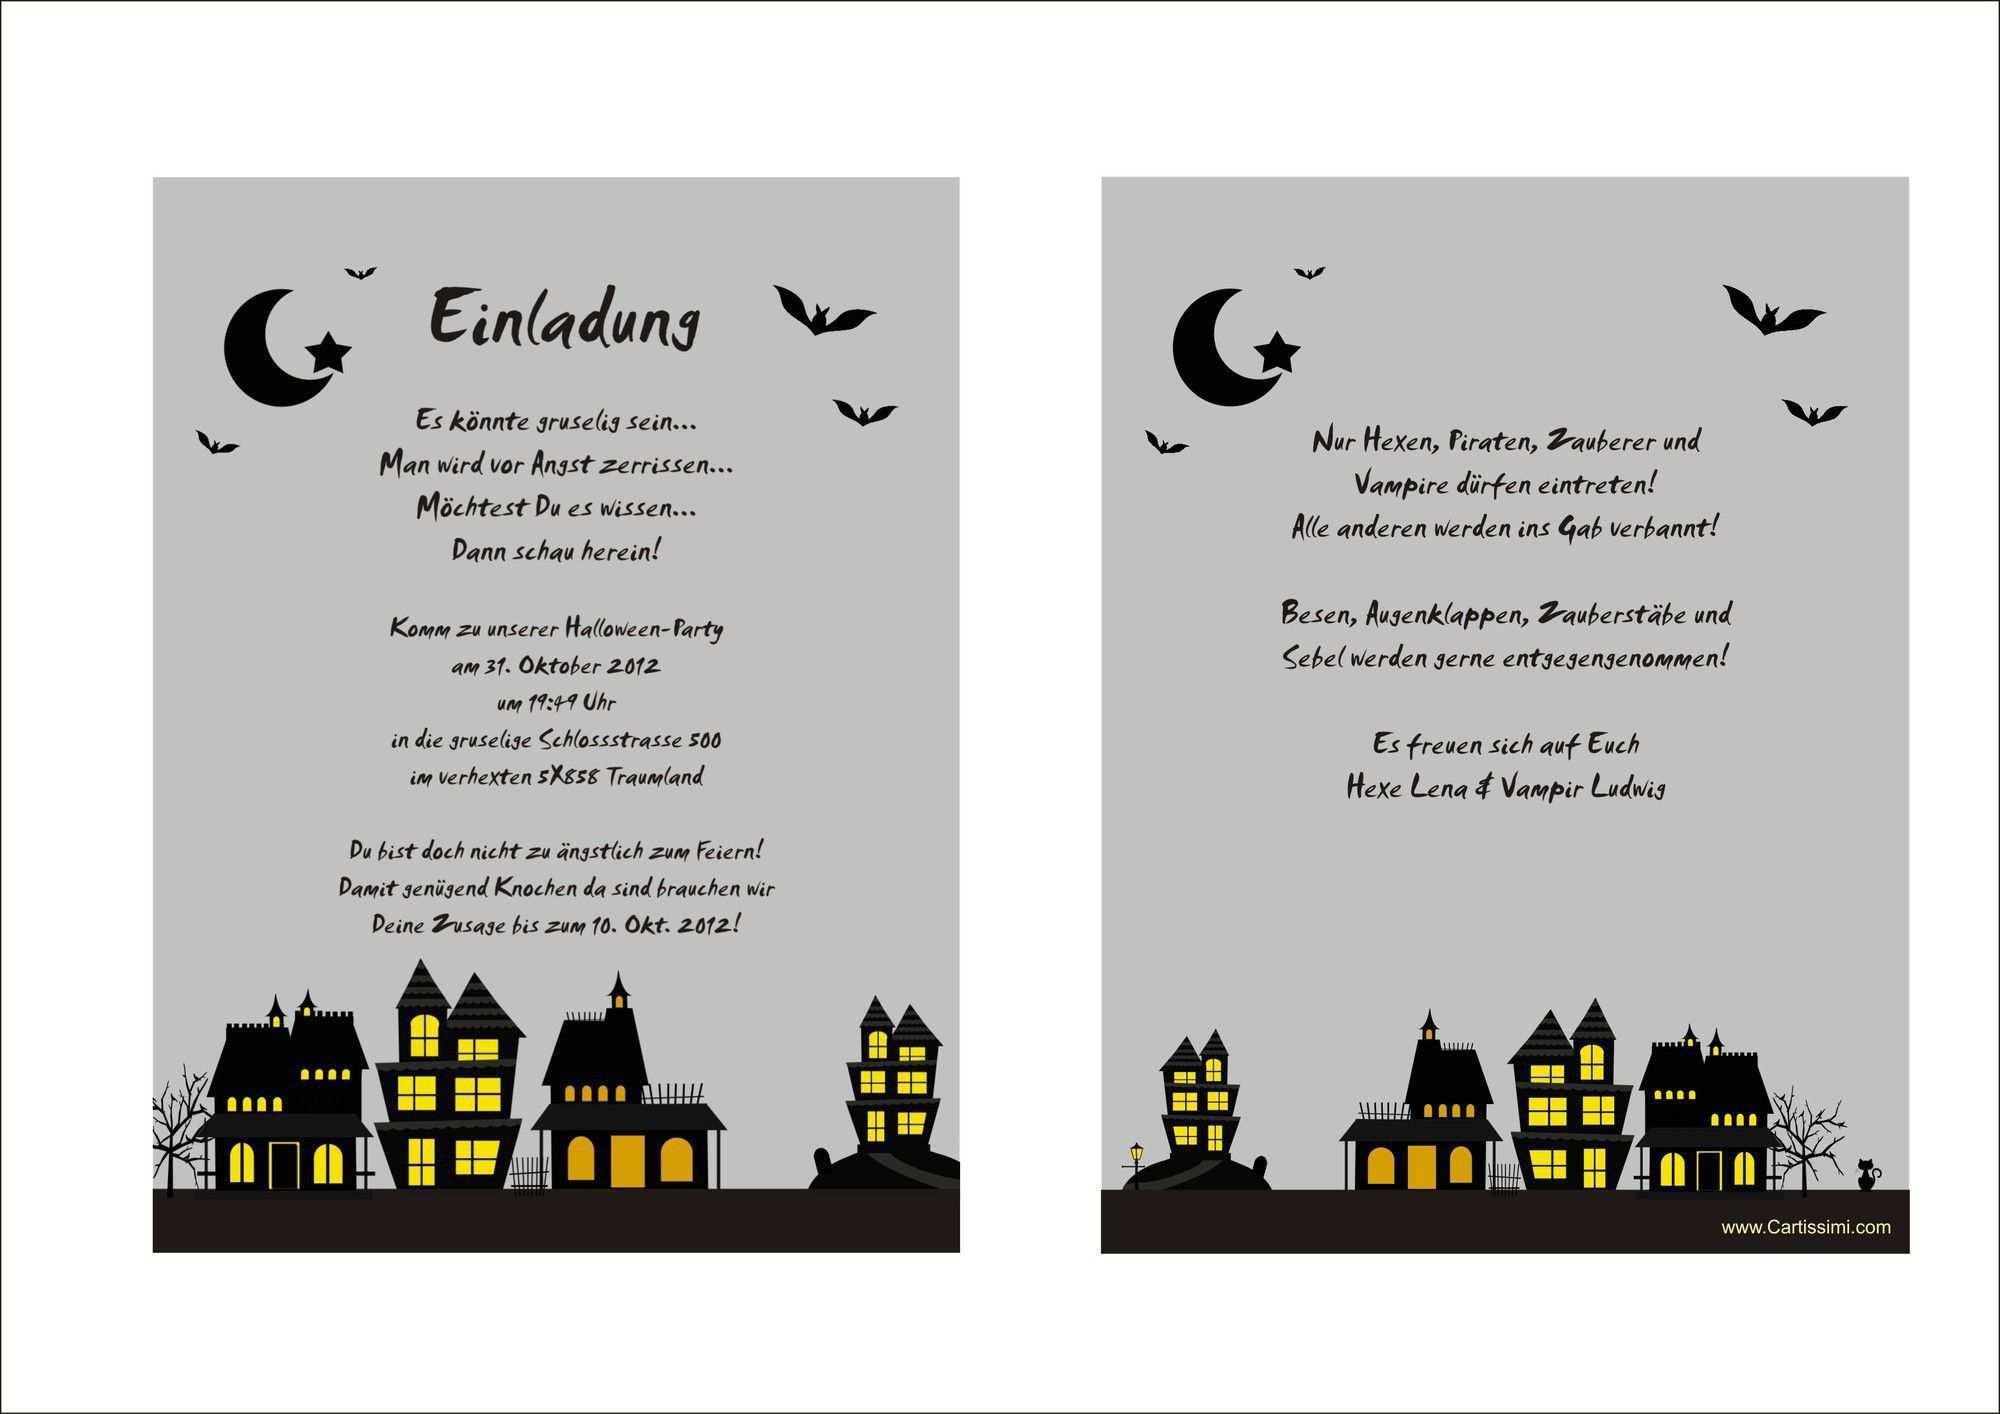 Geburtstag Einladungskarte Einladungskarten Geburtstag Basteln Geburtstag Einladungskarte Einladung Geburtstag Einladungen Einladungskarten